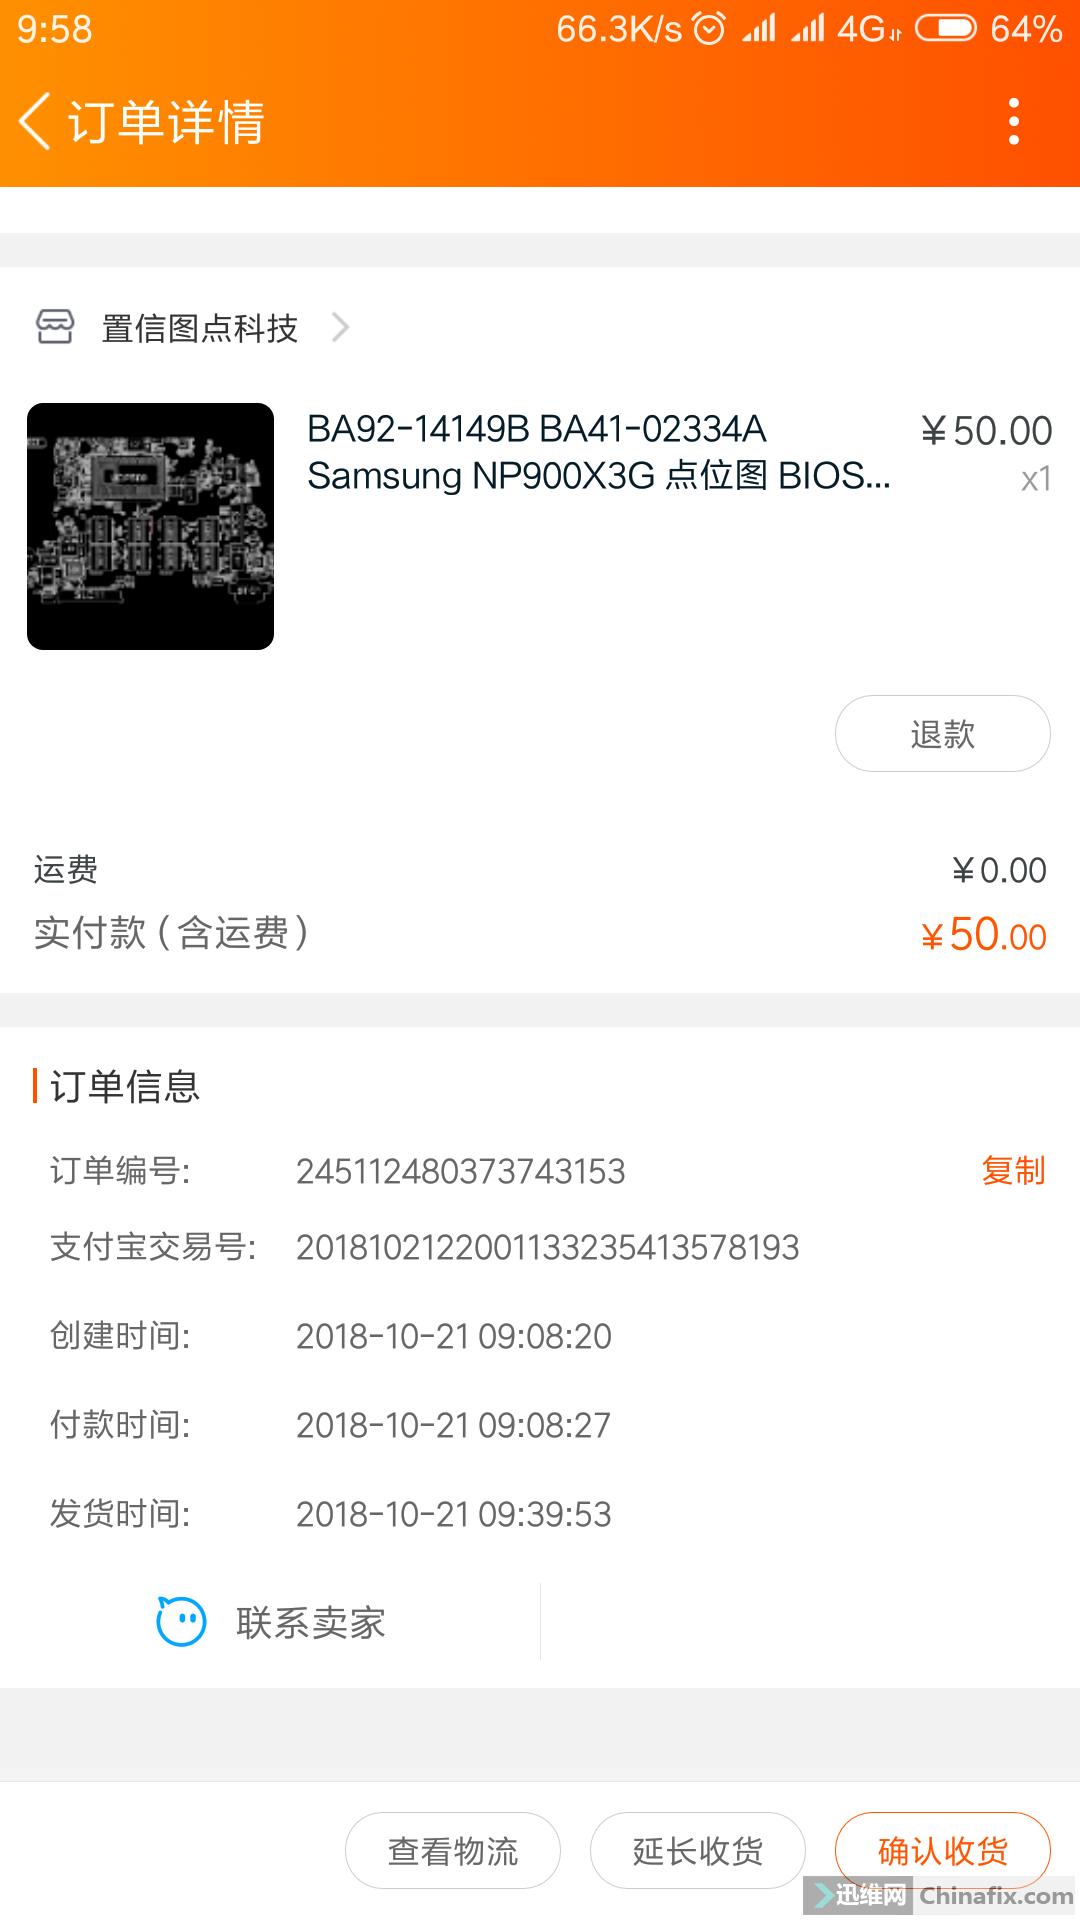 Screenshot_2018-10-21-09-58-06-017_com.taobao.tao.png